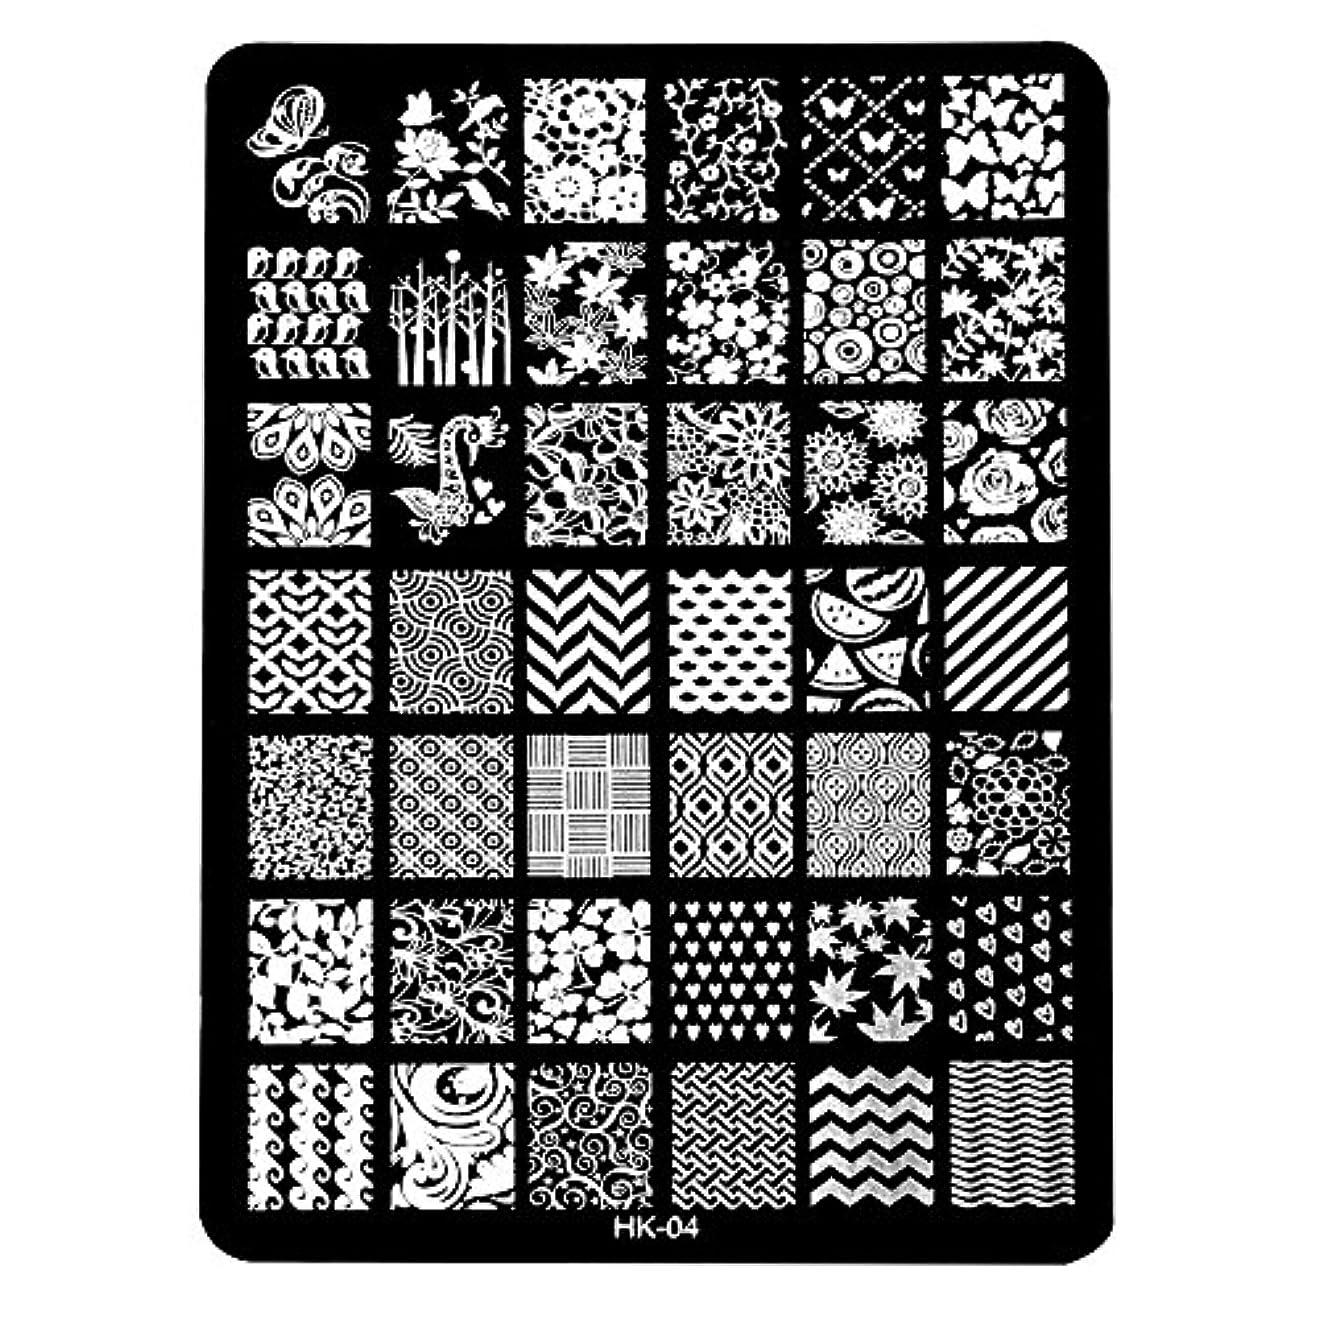 長椅子浸漬バンケット[ルテンズ] スタンピングプレートセット 花柄 ネイルプレート ネイルアートツール ネイルプレート ネイルスタンパー ネイルスタンプ スタンプネイル ネイルデザイン用品